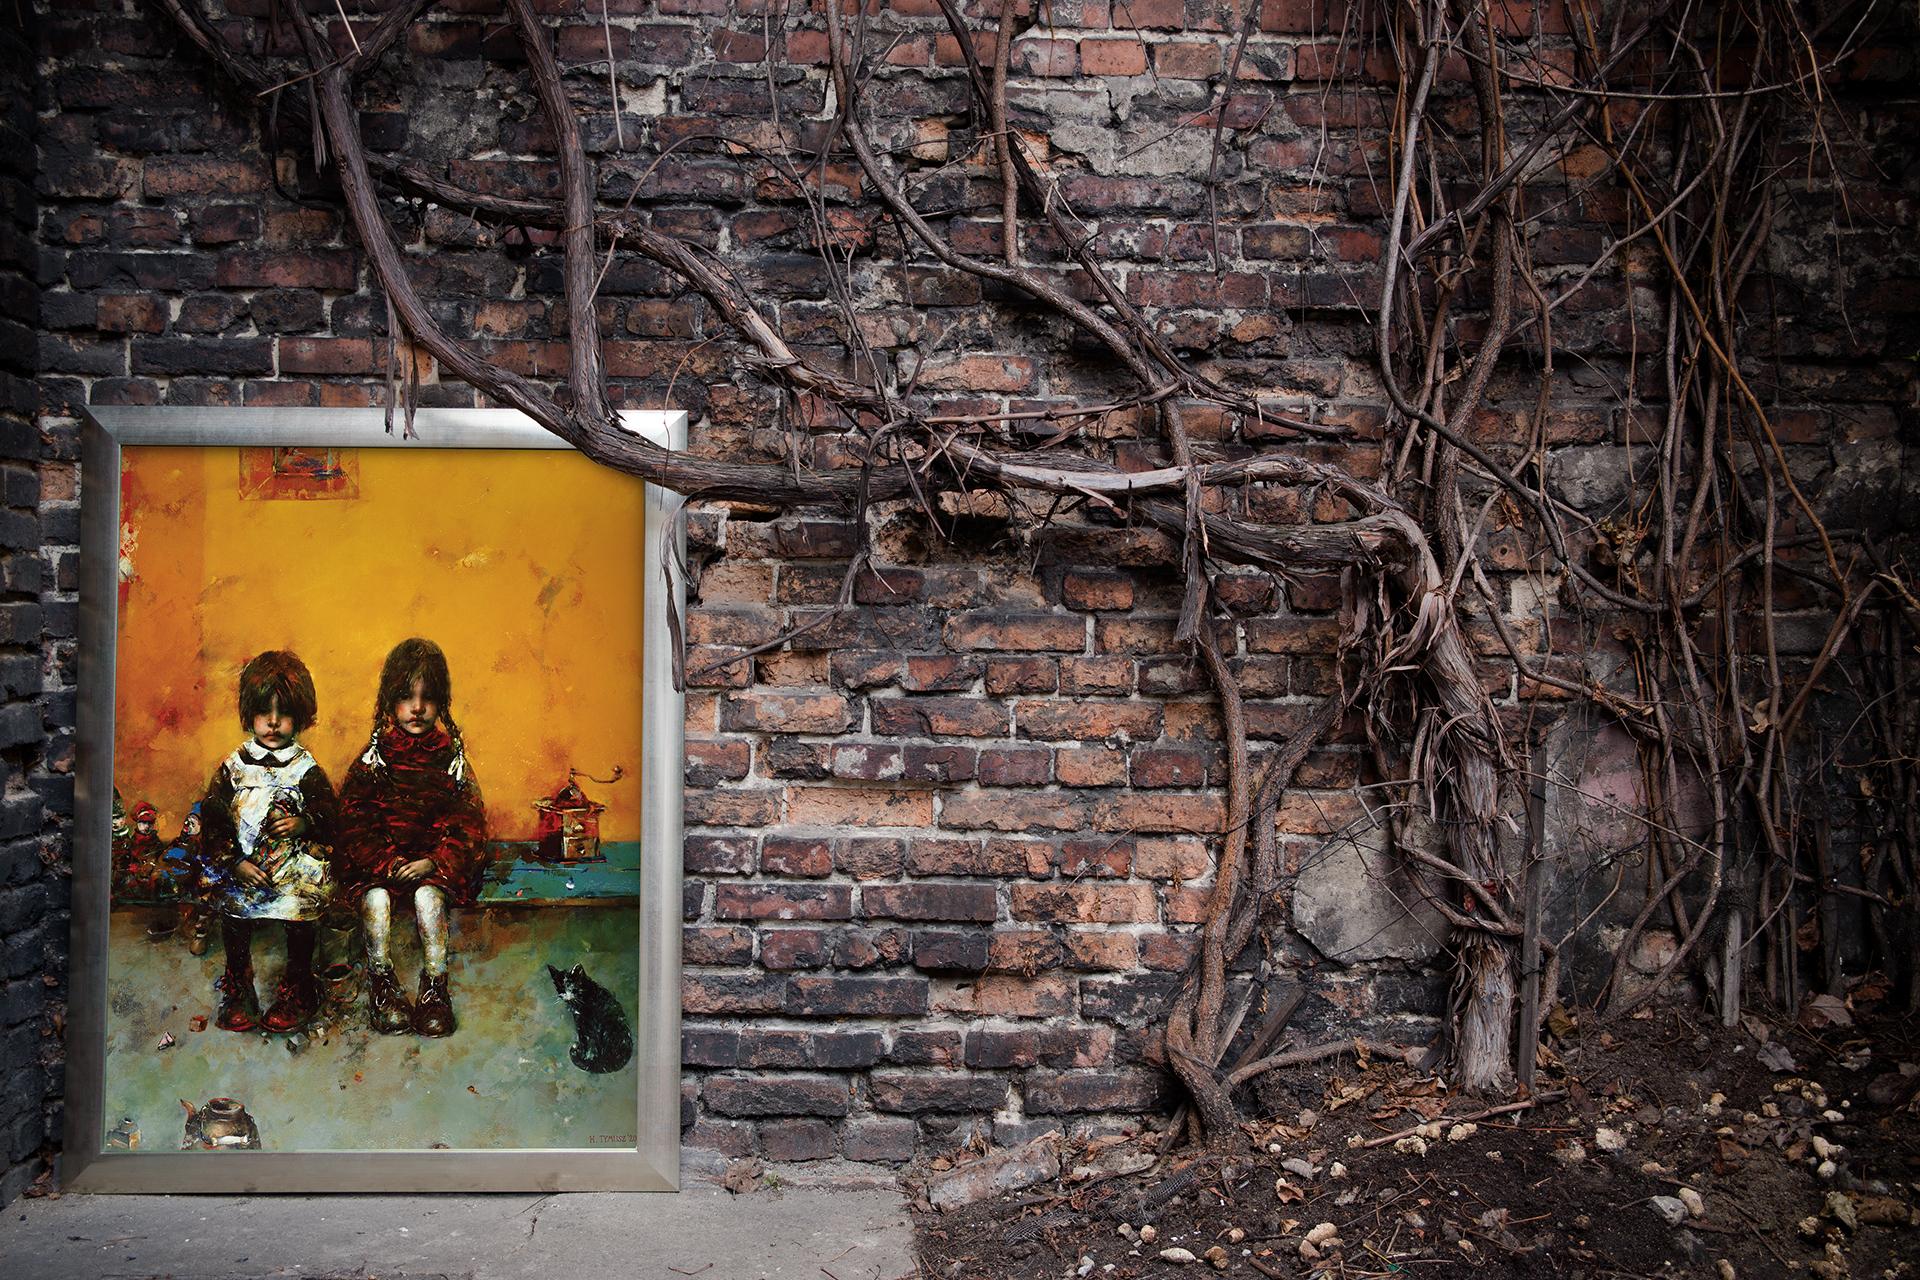 SORROWS by Halina Tymusz